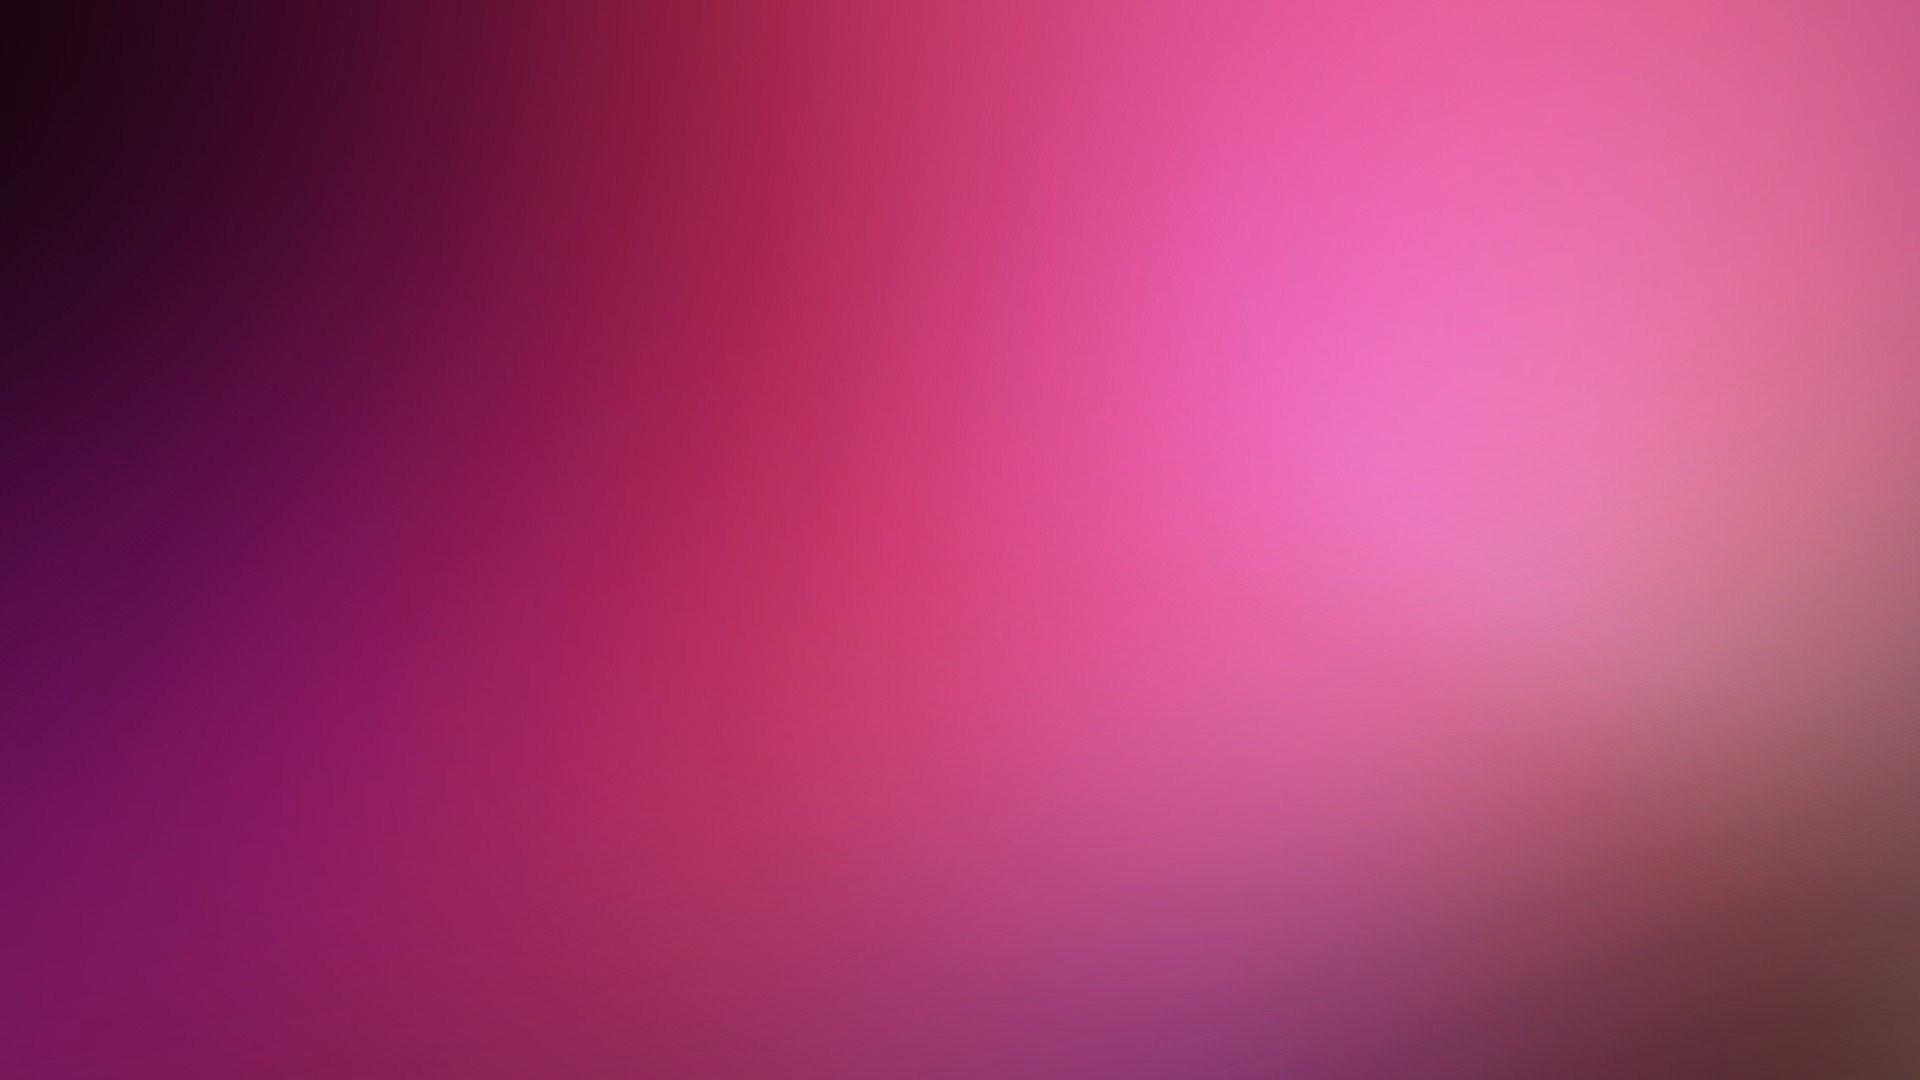 Light Purple PC Wallpaper HD